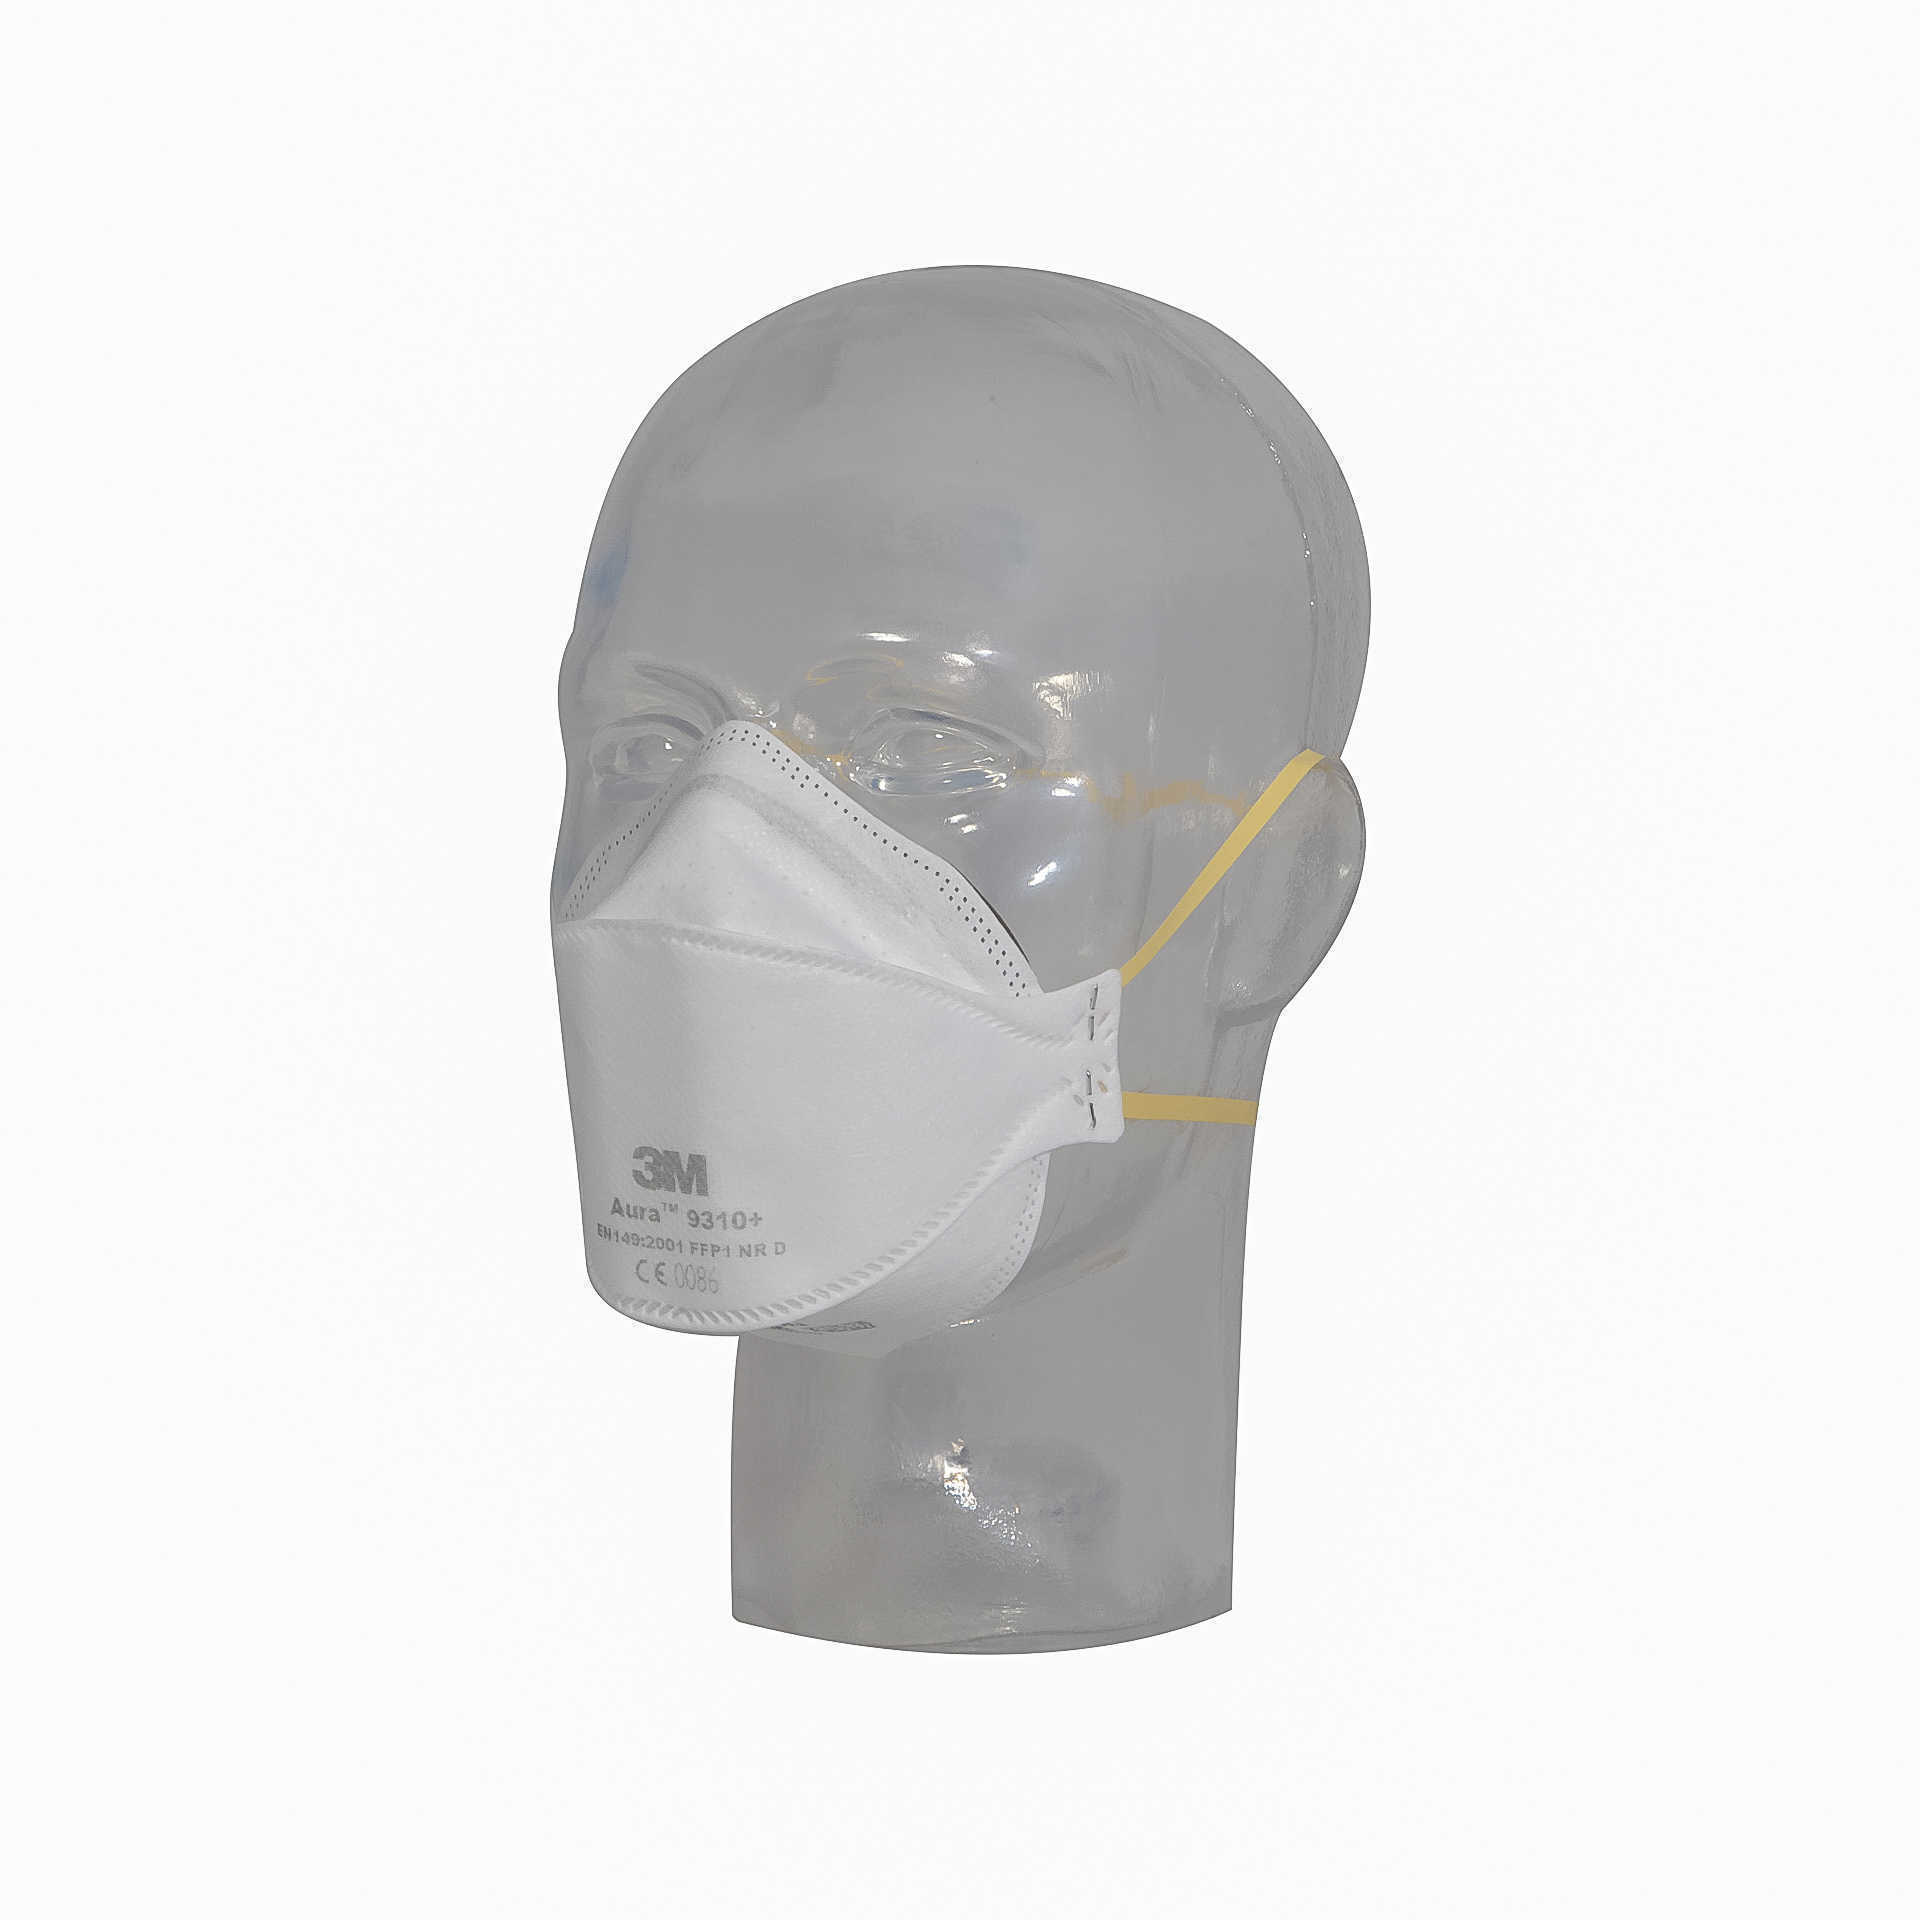 3m 9914 mask